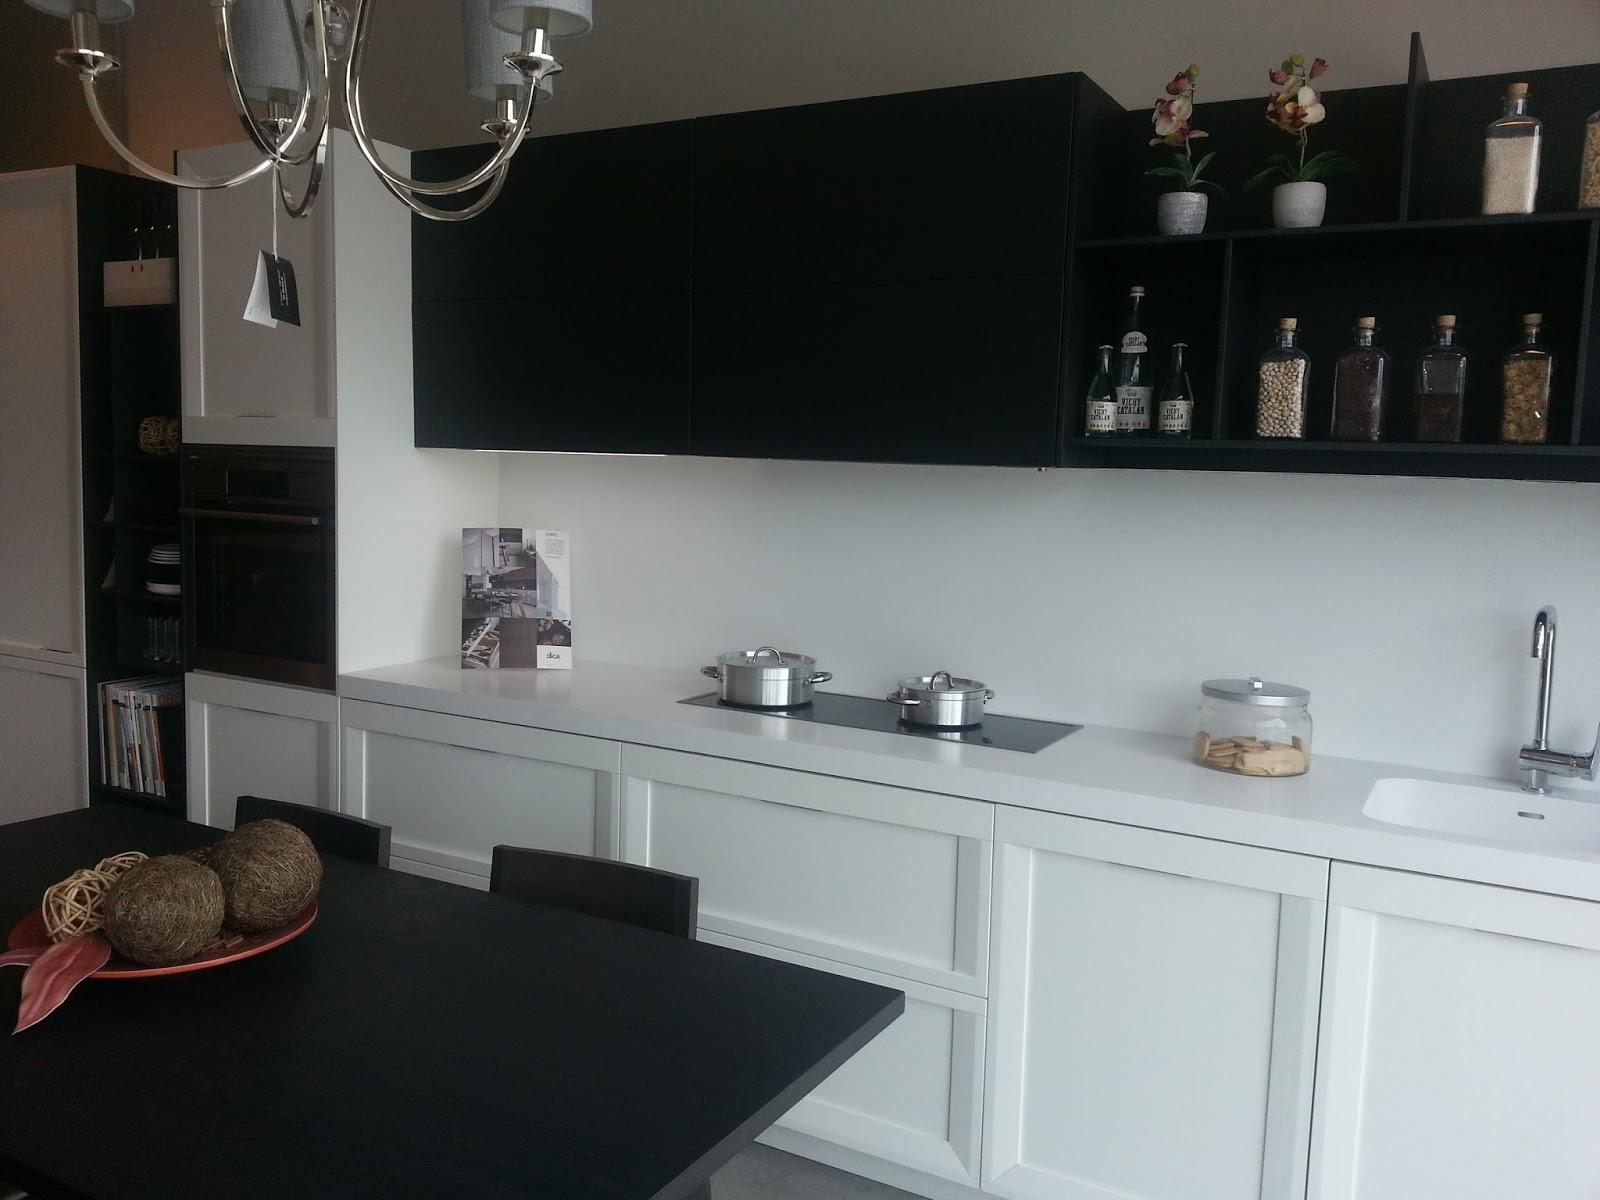 PLATHOO | Diseño de cocinas y baños 3D |: Plathoo, cocinas para ...